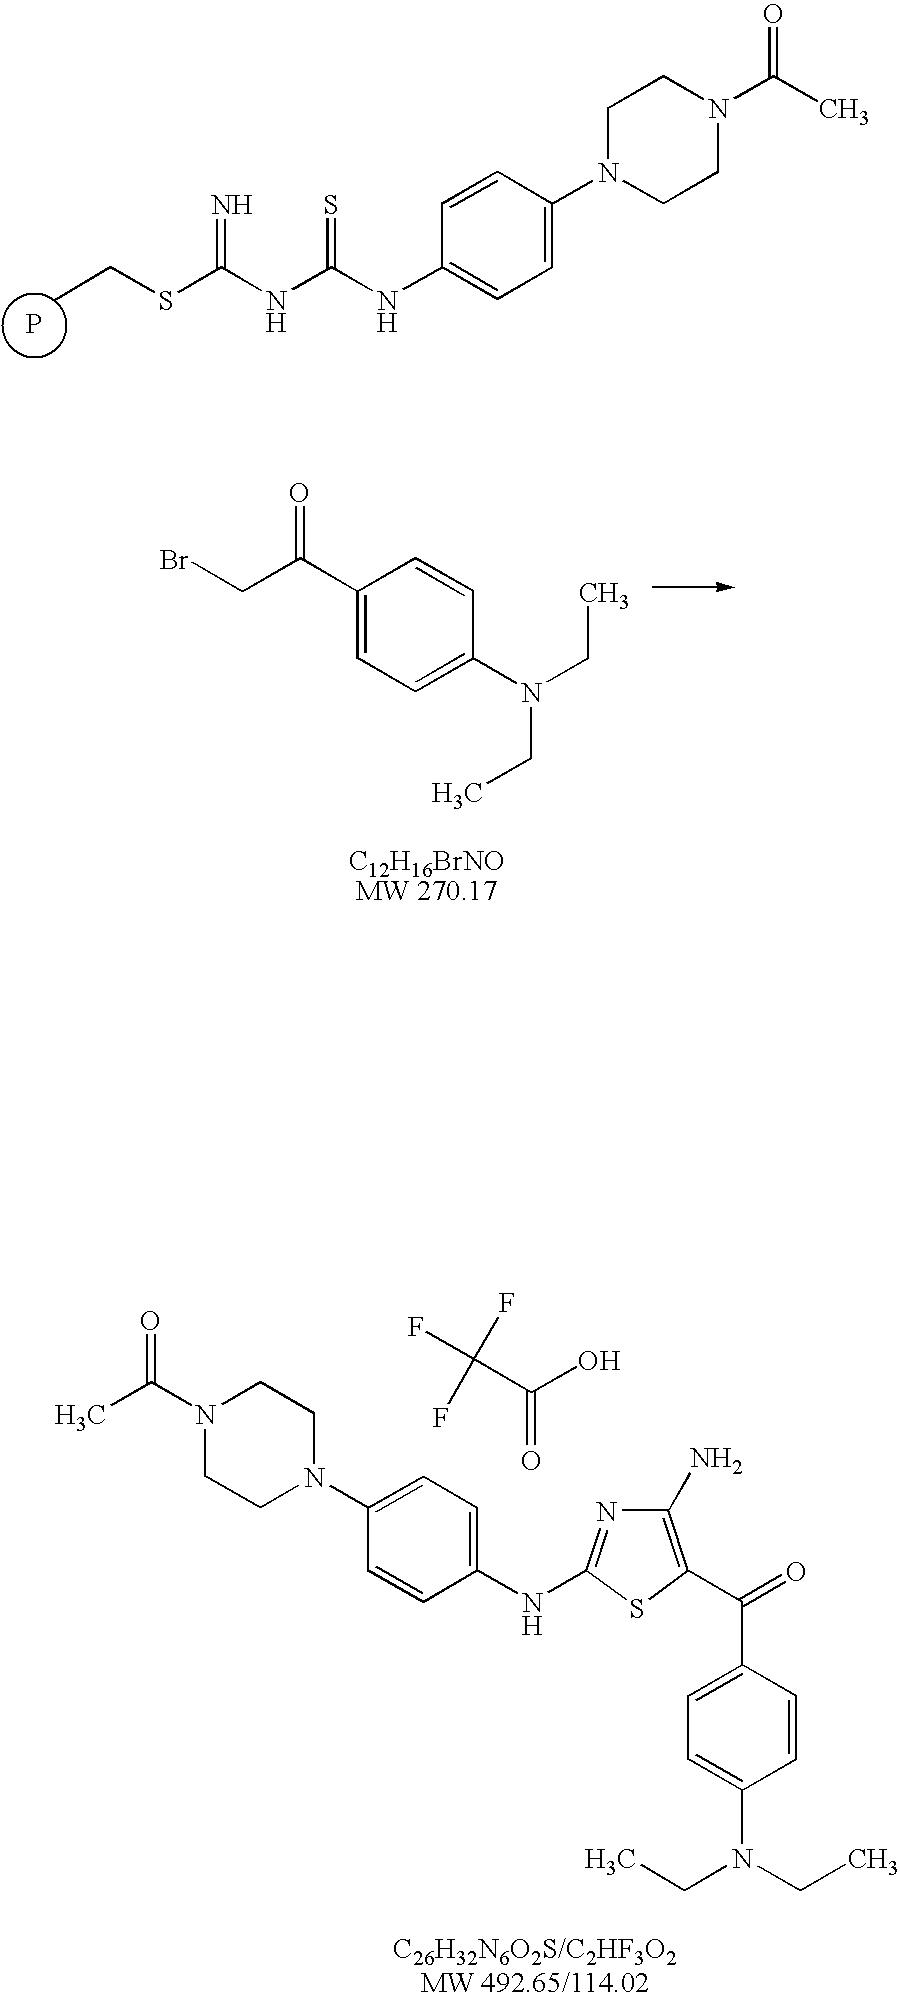 Figure US06756374-20040629-C00113